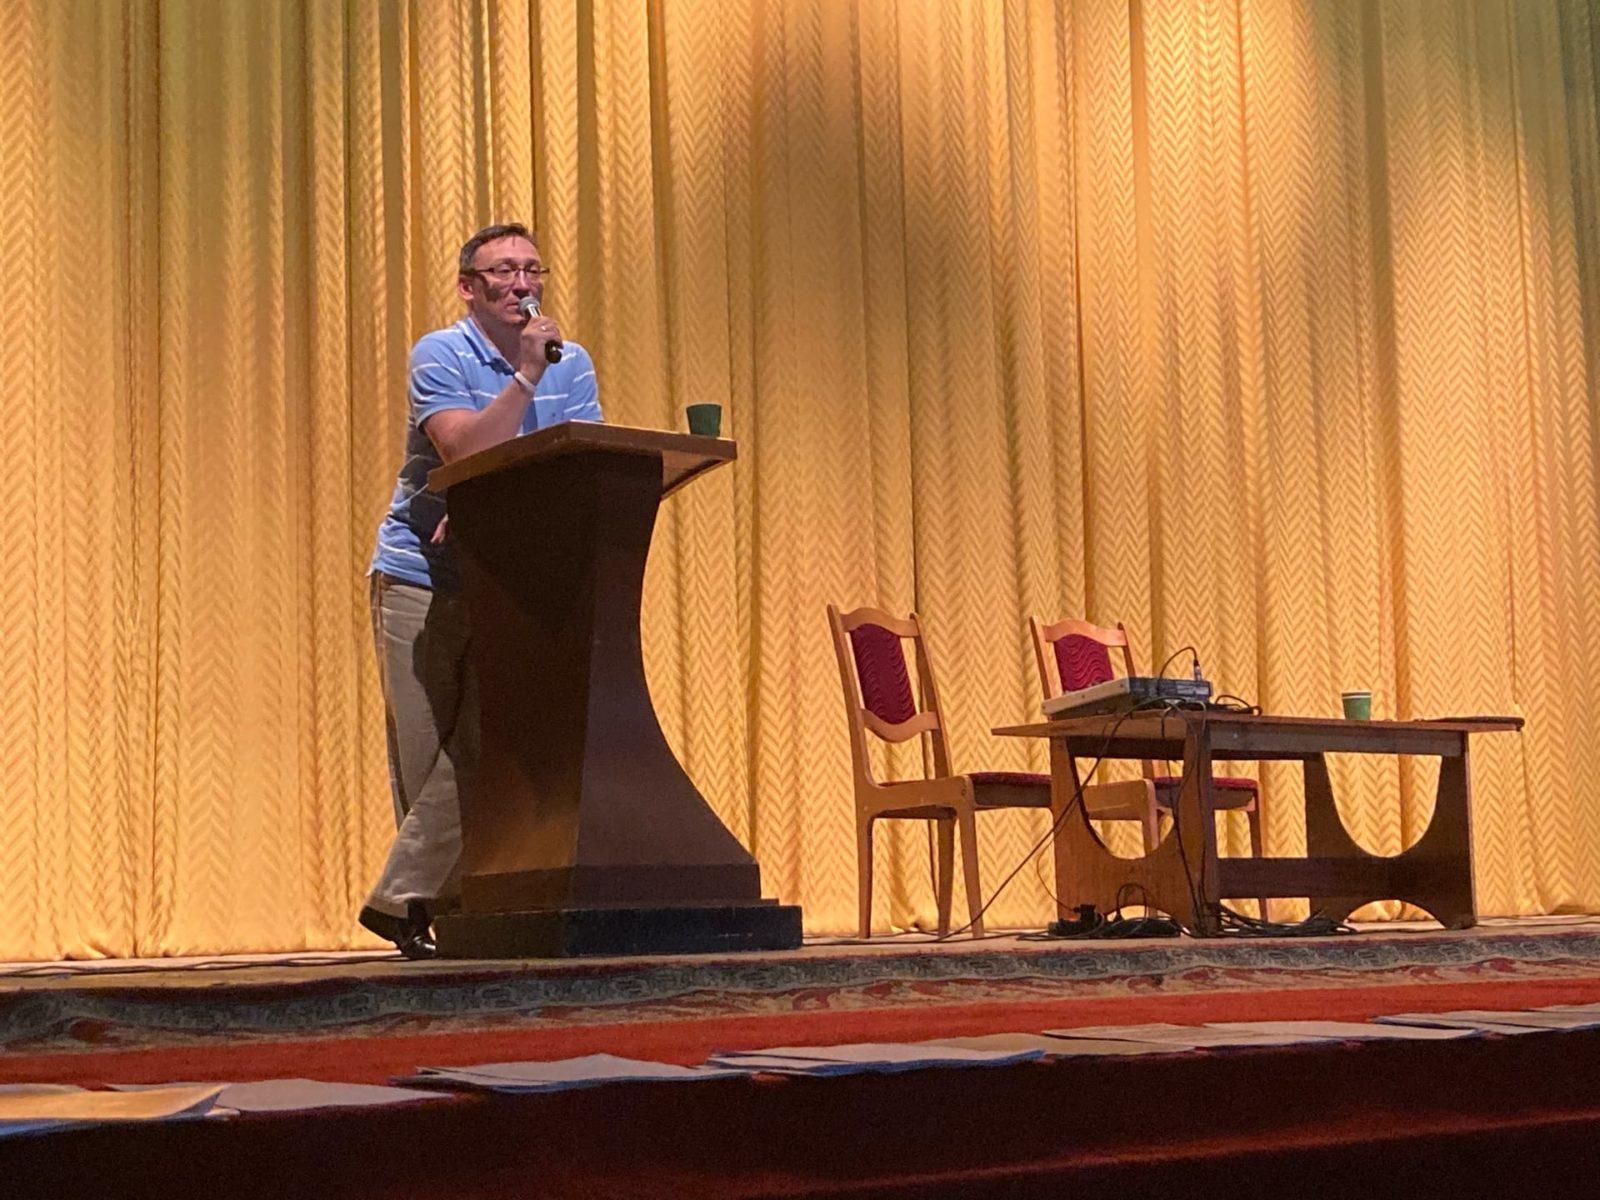 Сергею Смирнову предоставили вступительное слово на встрече. Фото: Ирина КОМИК